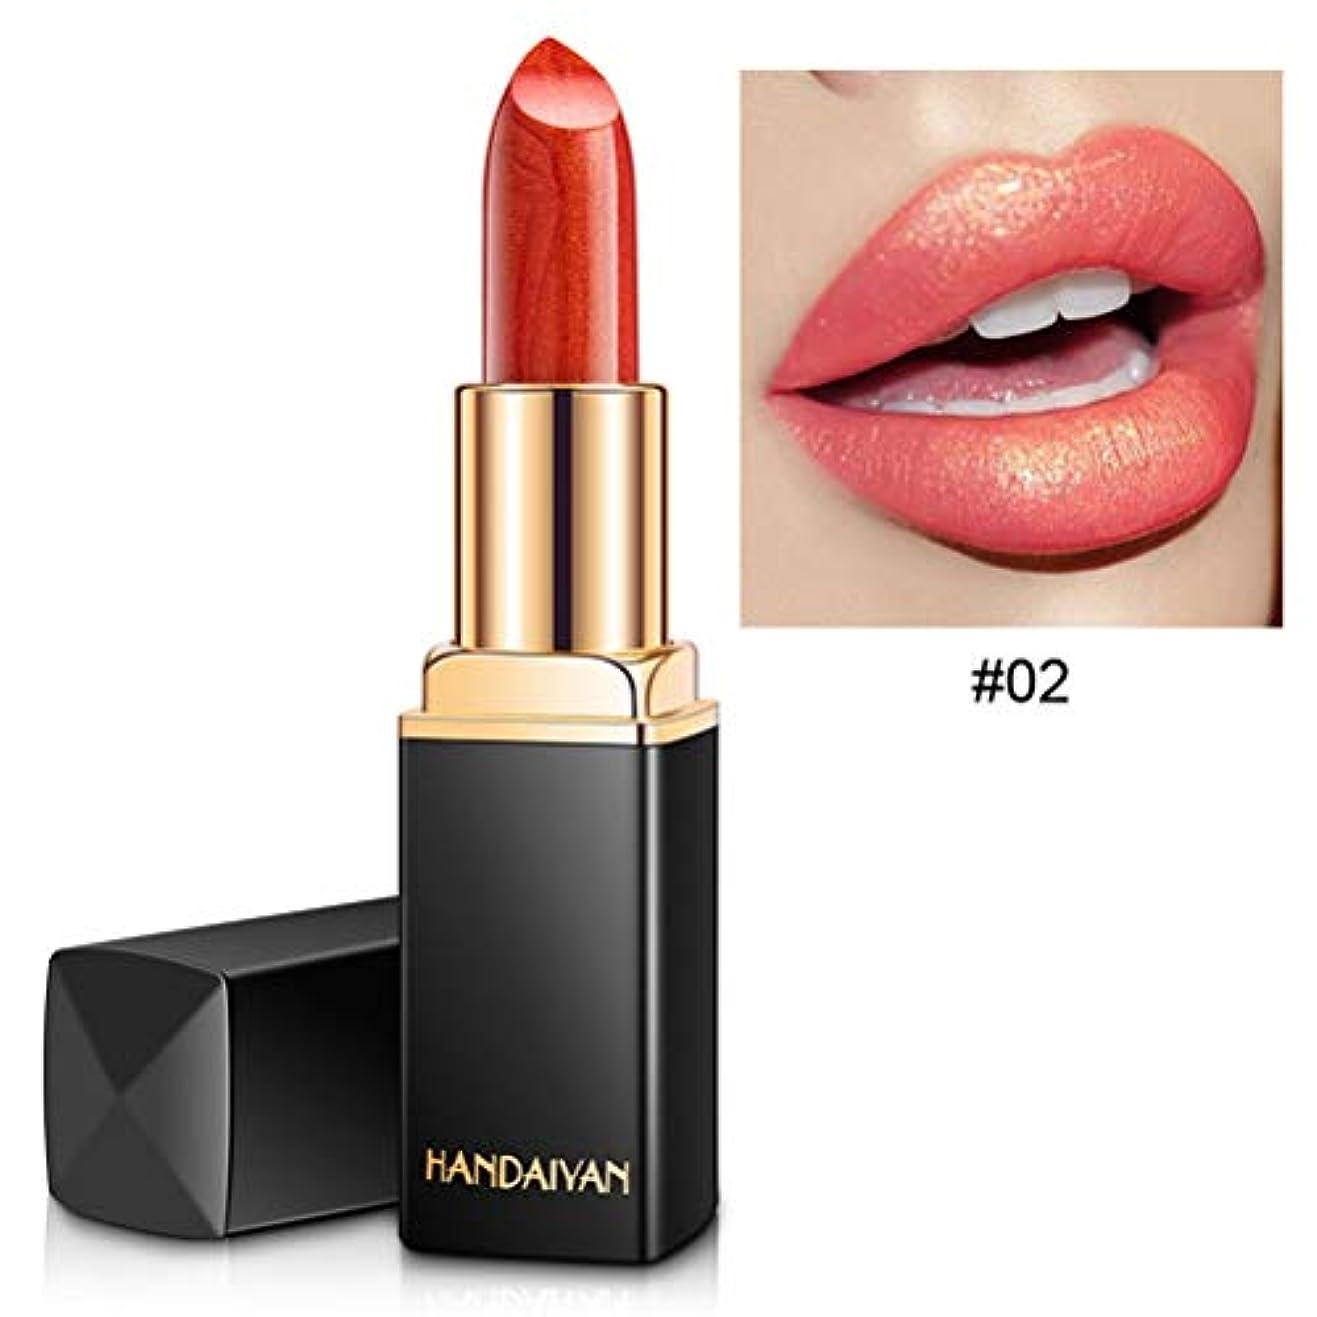 鉛バラエティ割合Supbel 口紅 リップスティック ルージュ リップグロス 優れる発色 キラキラ 光沢 自然なツヤ 長持ち 防水 落ちにくい携帯便利 自然立体 クチュール 化粧品 人気 おしゃれ ギフト 贈り物 唇用